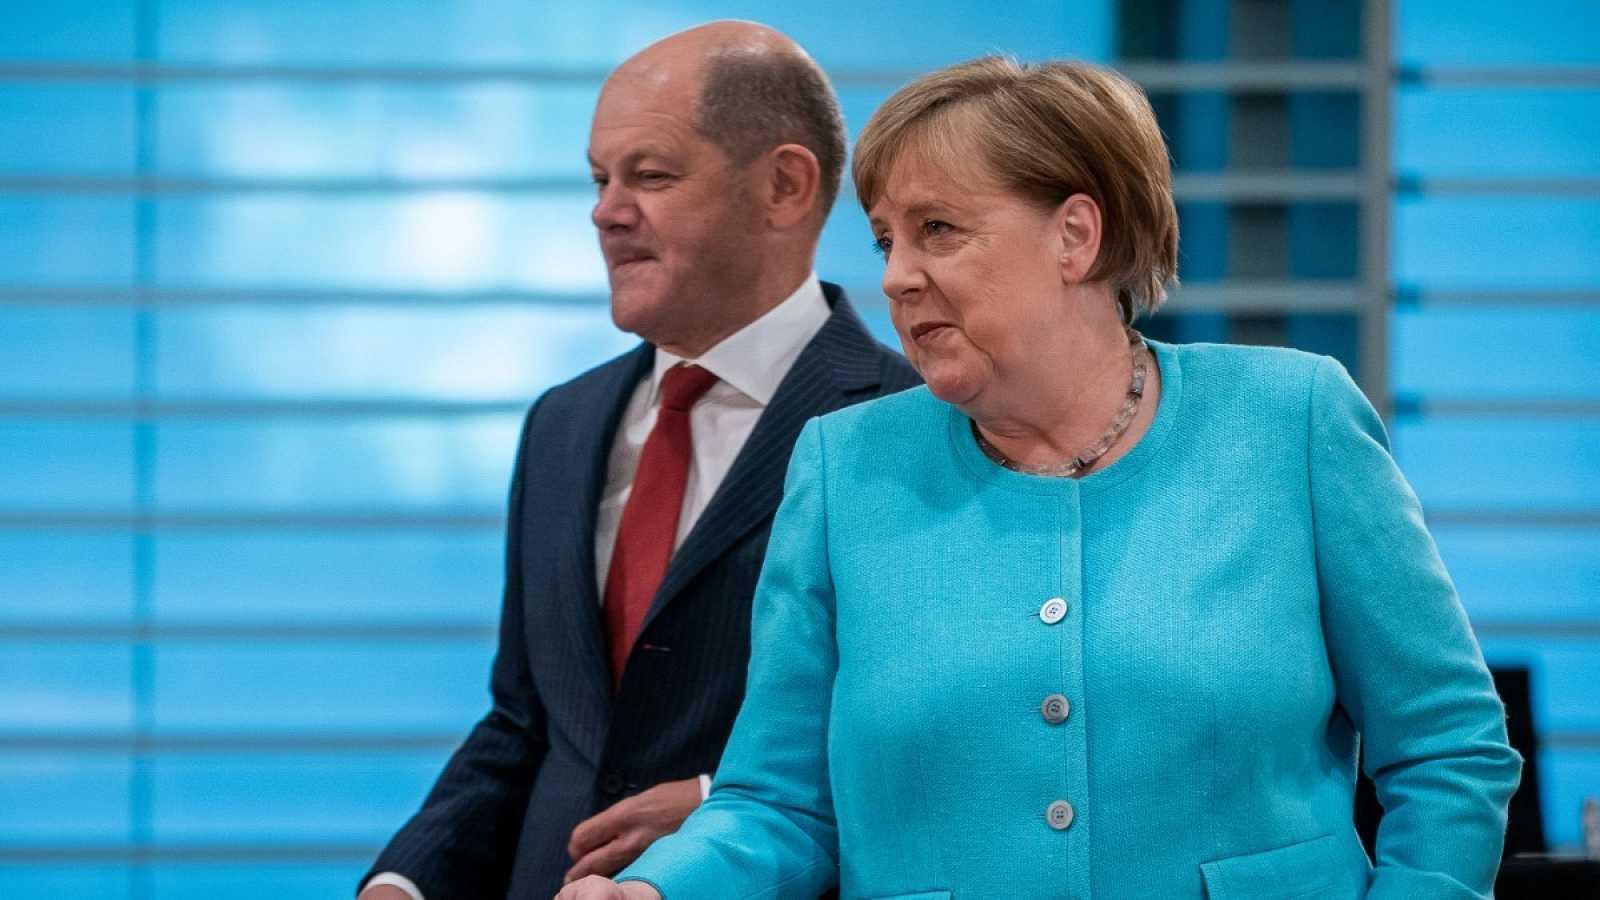 La canciller alemana, Angela Merkel, y el Ministro de Finanzas y Vicecanciller, Olaf Scholz, llegan a la reunión semanal del gabinete el 3 de junio de 2020